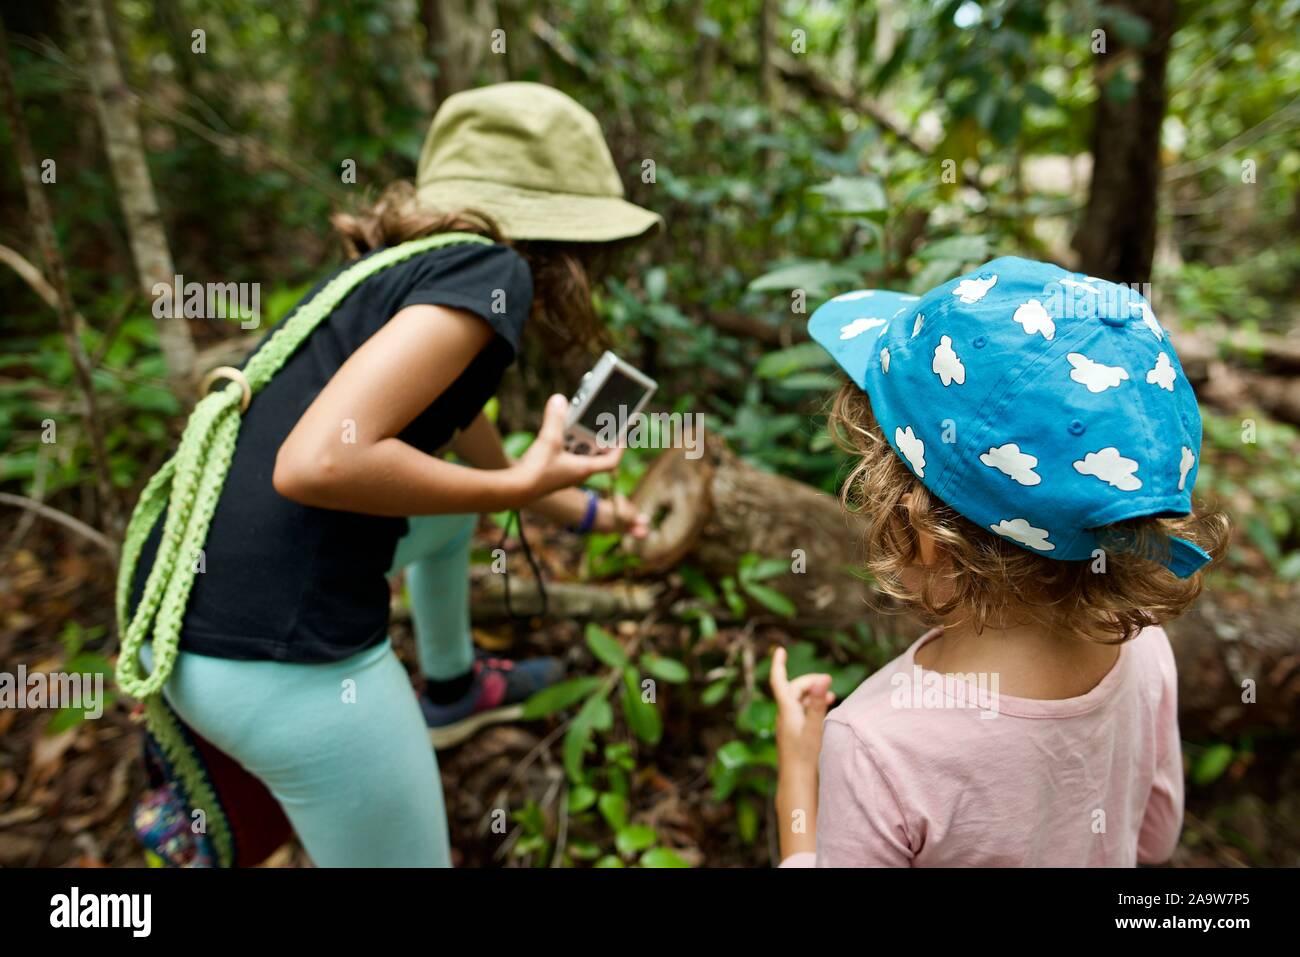 Bambini in età scolare che esplorando la natura, Honeyeater lookout sentiero escursionistico, Conway national park, Airlie Beach, Queensland, Australia Foto Stock